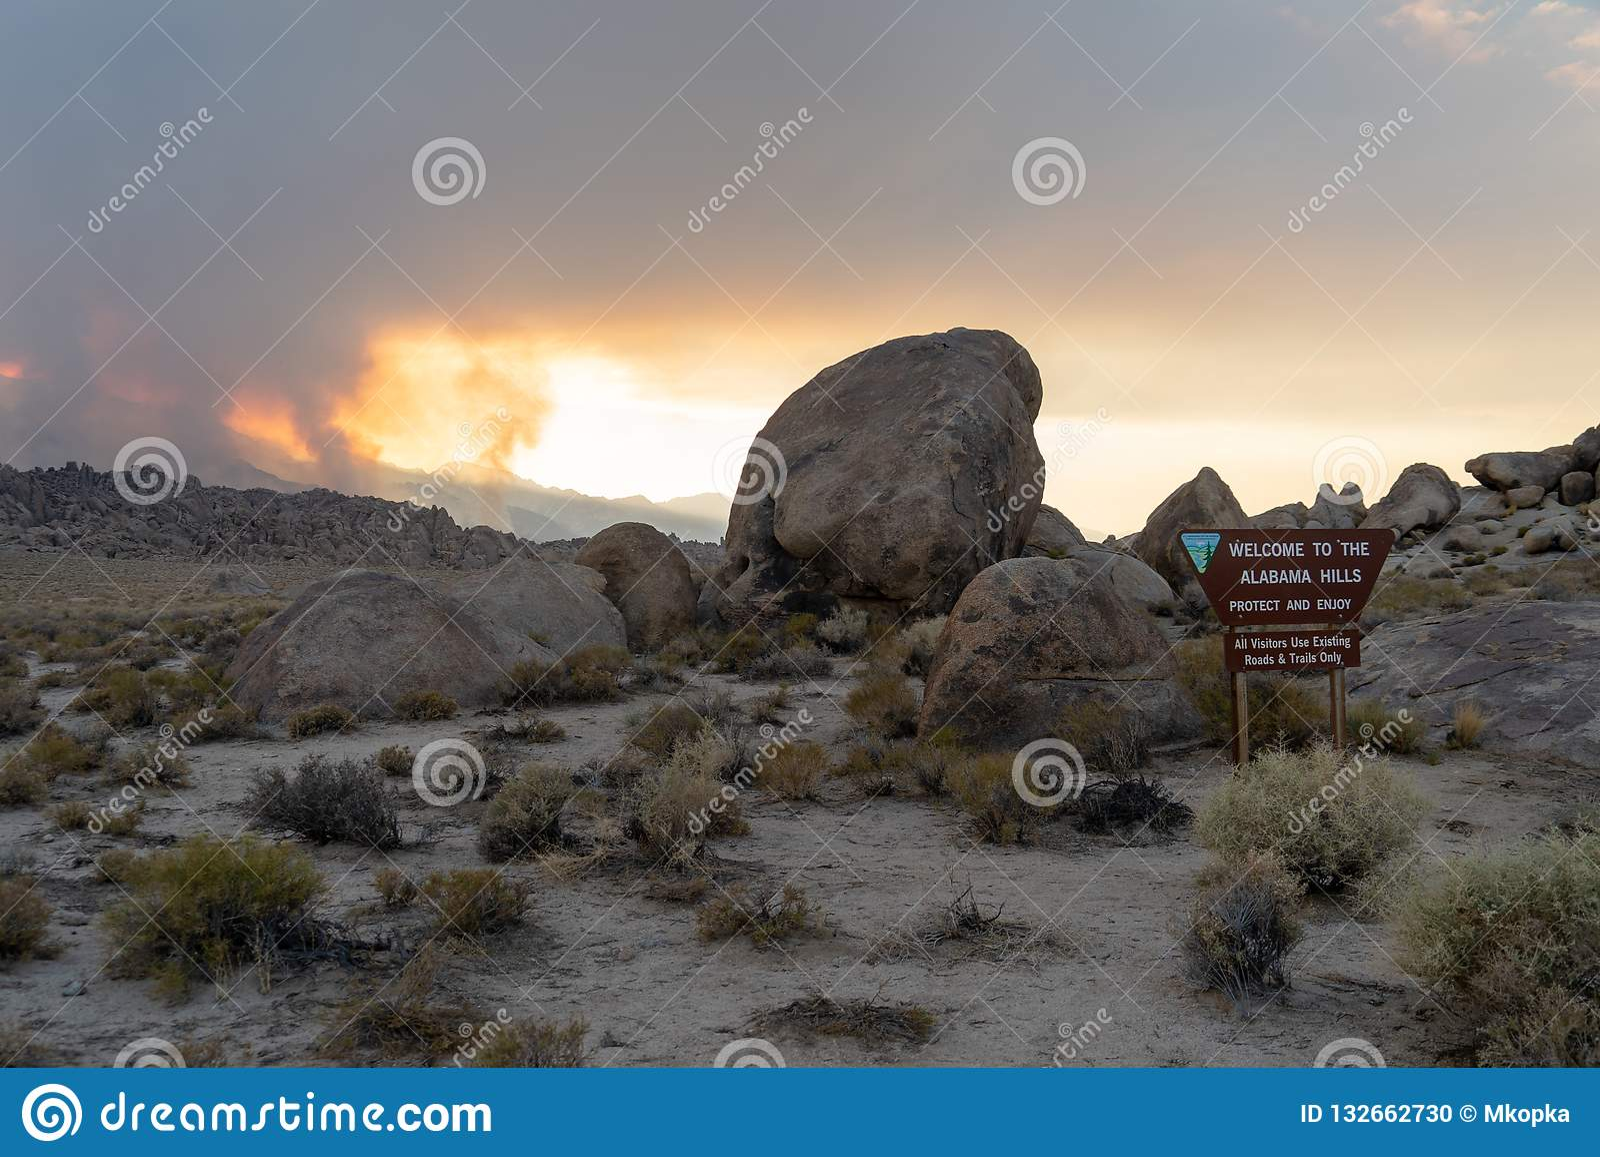 2018年7月8日-孤立杉木,加州:阿拉巴马小山的标志在E